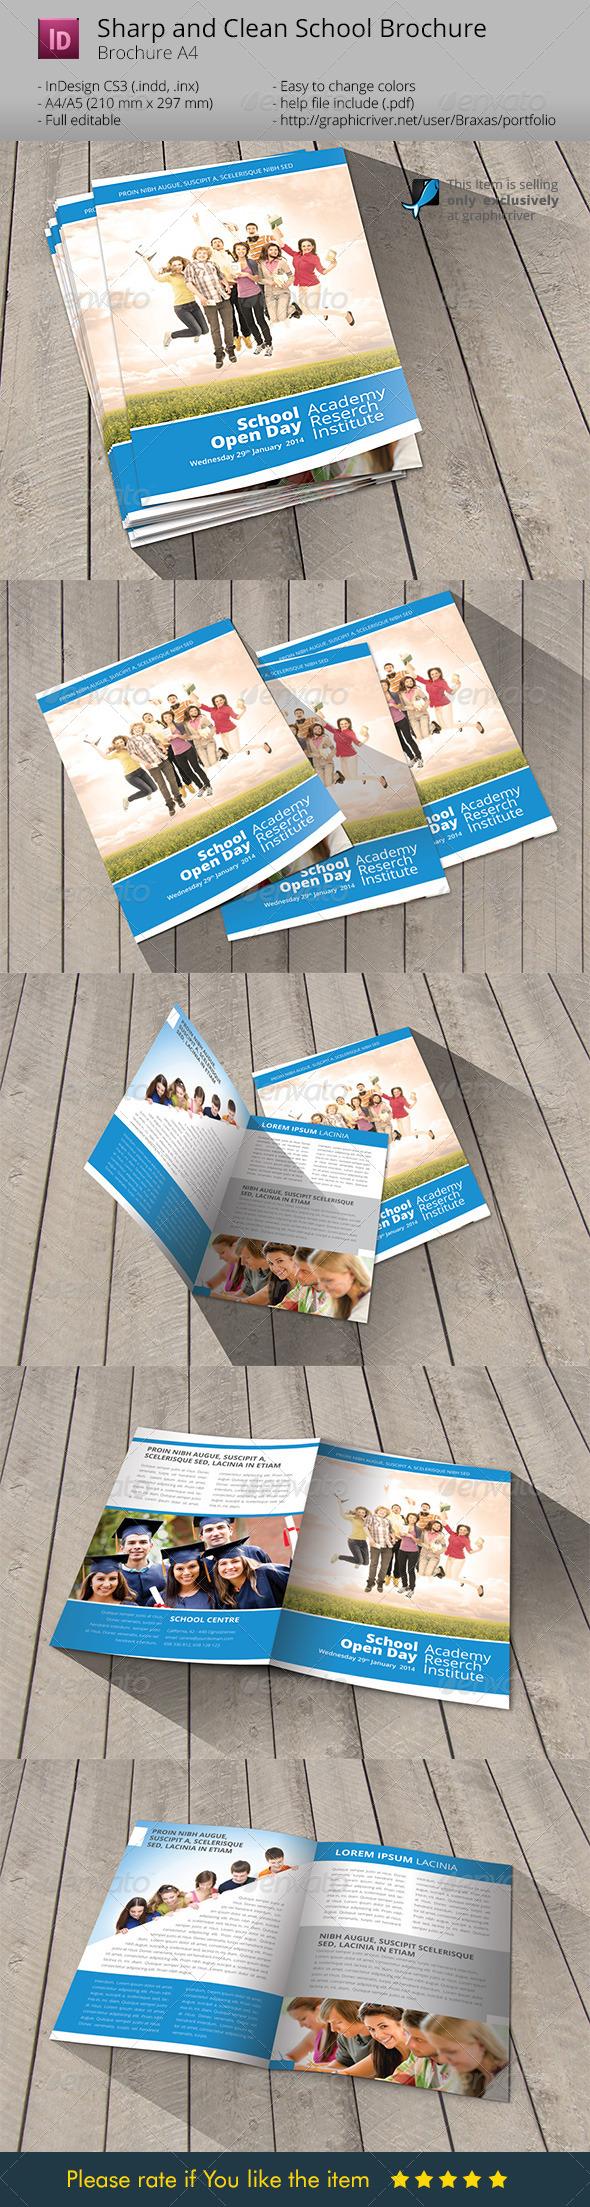 School Welcome Brochure Template - Informational Brochures